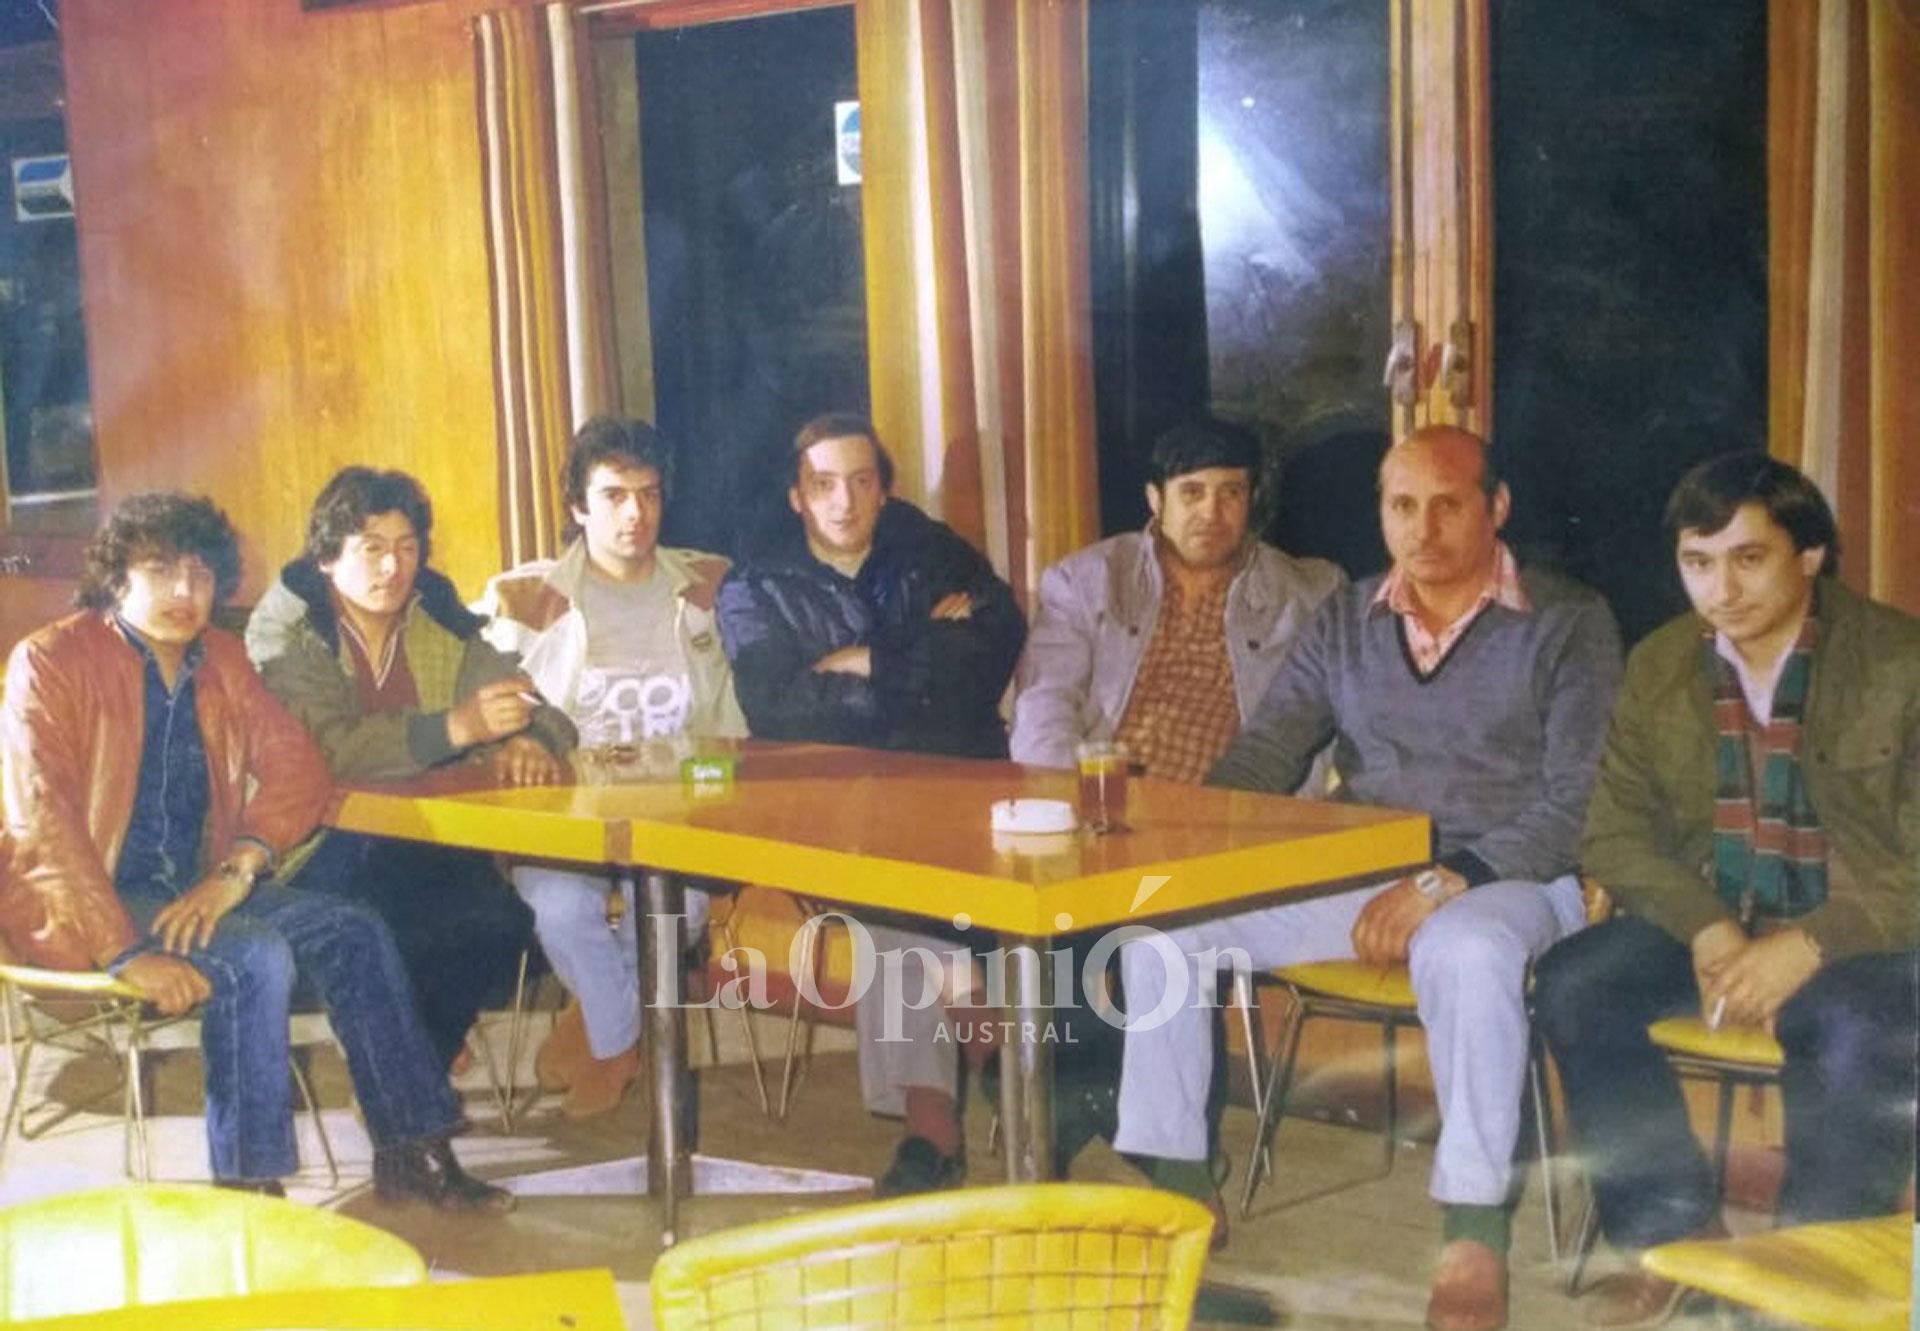 De izquierda a derecha: Rudy Ulloa, 'Tito' Quiñones, Sendes, Néstor Kirchner, Raúl Andrade y Juan Carlos Villafañe. Mediados de los 90. En Puerto Deseado, un Néstor con medias rojas hablando de política. FOTO: ARCHIVO / LA OPINIÓN AUSTRAL.